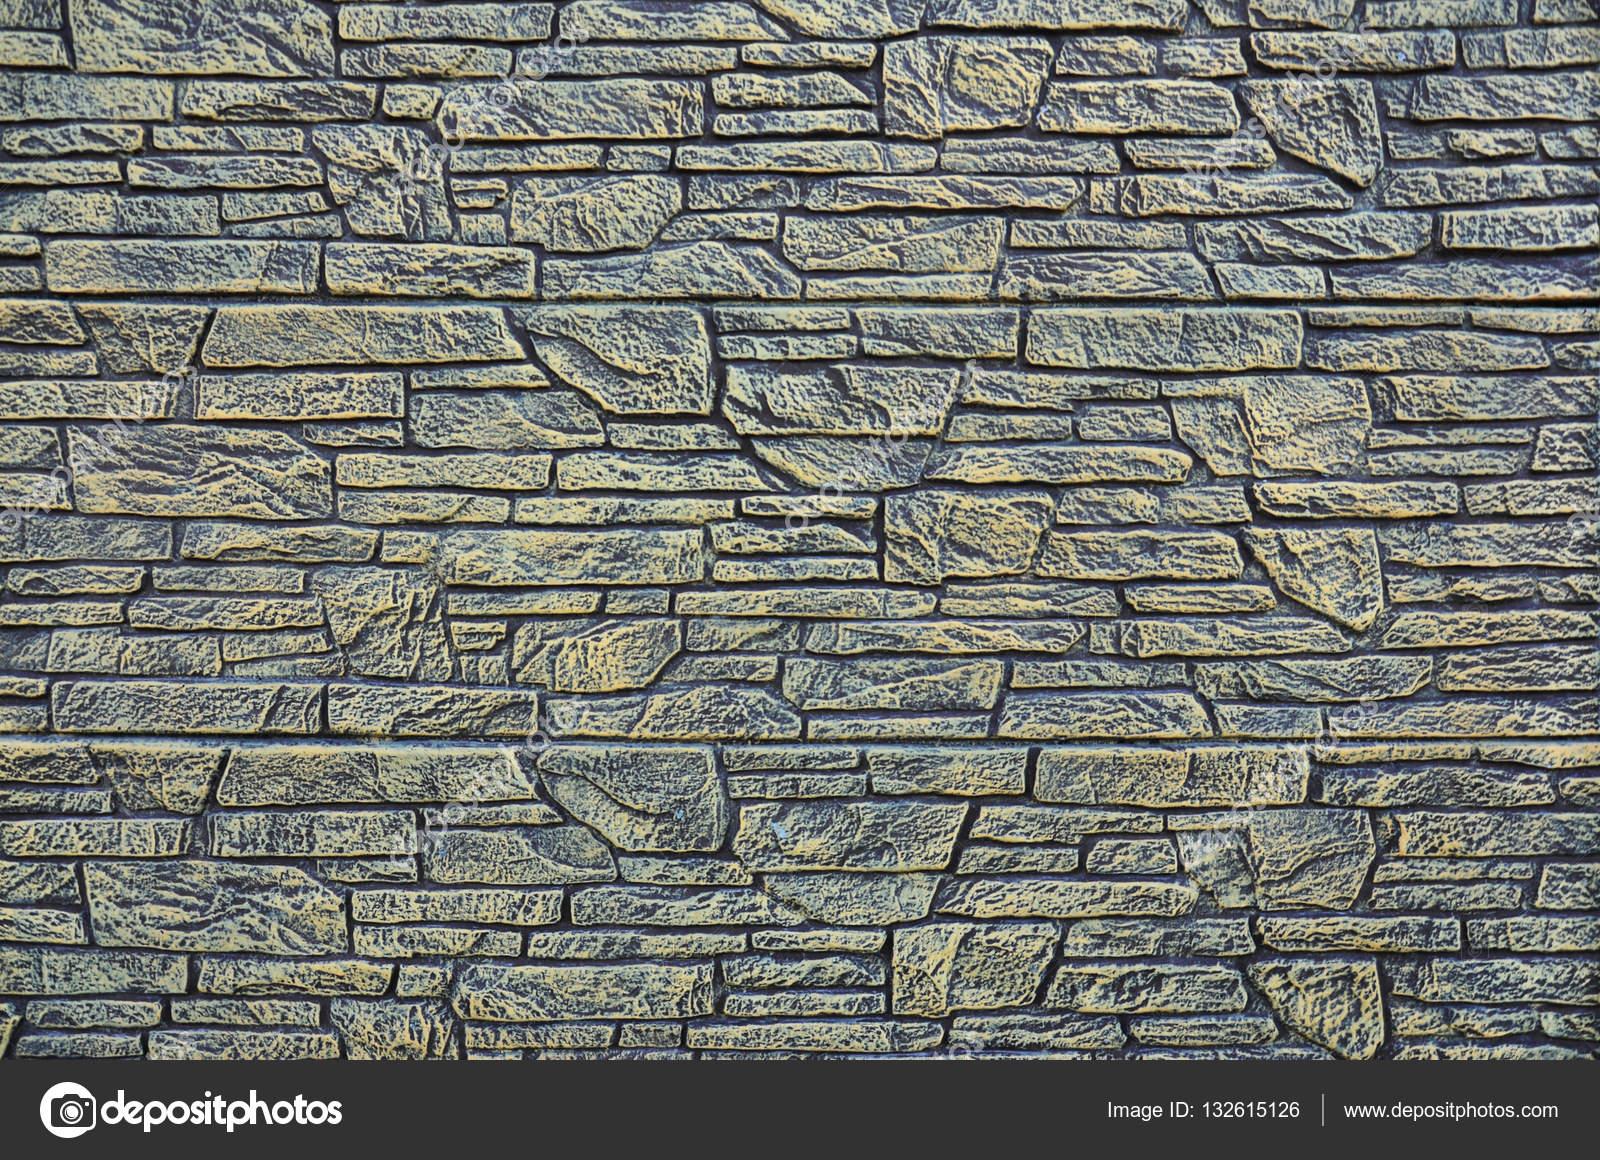 Textura de la valla de piedra fotos de stock mehaniq 132615126 - Vallas de piedra ...